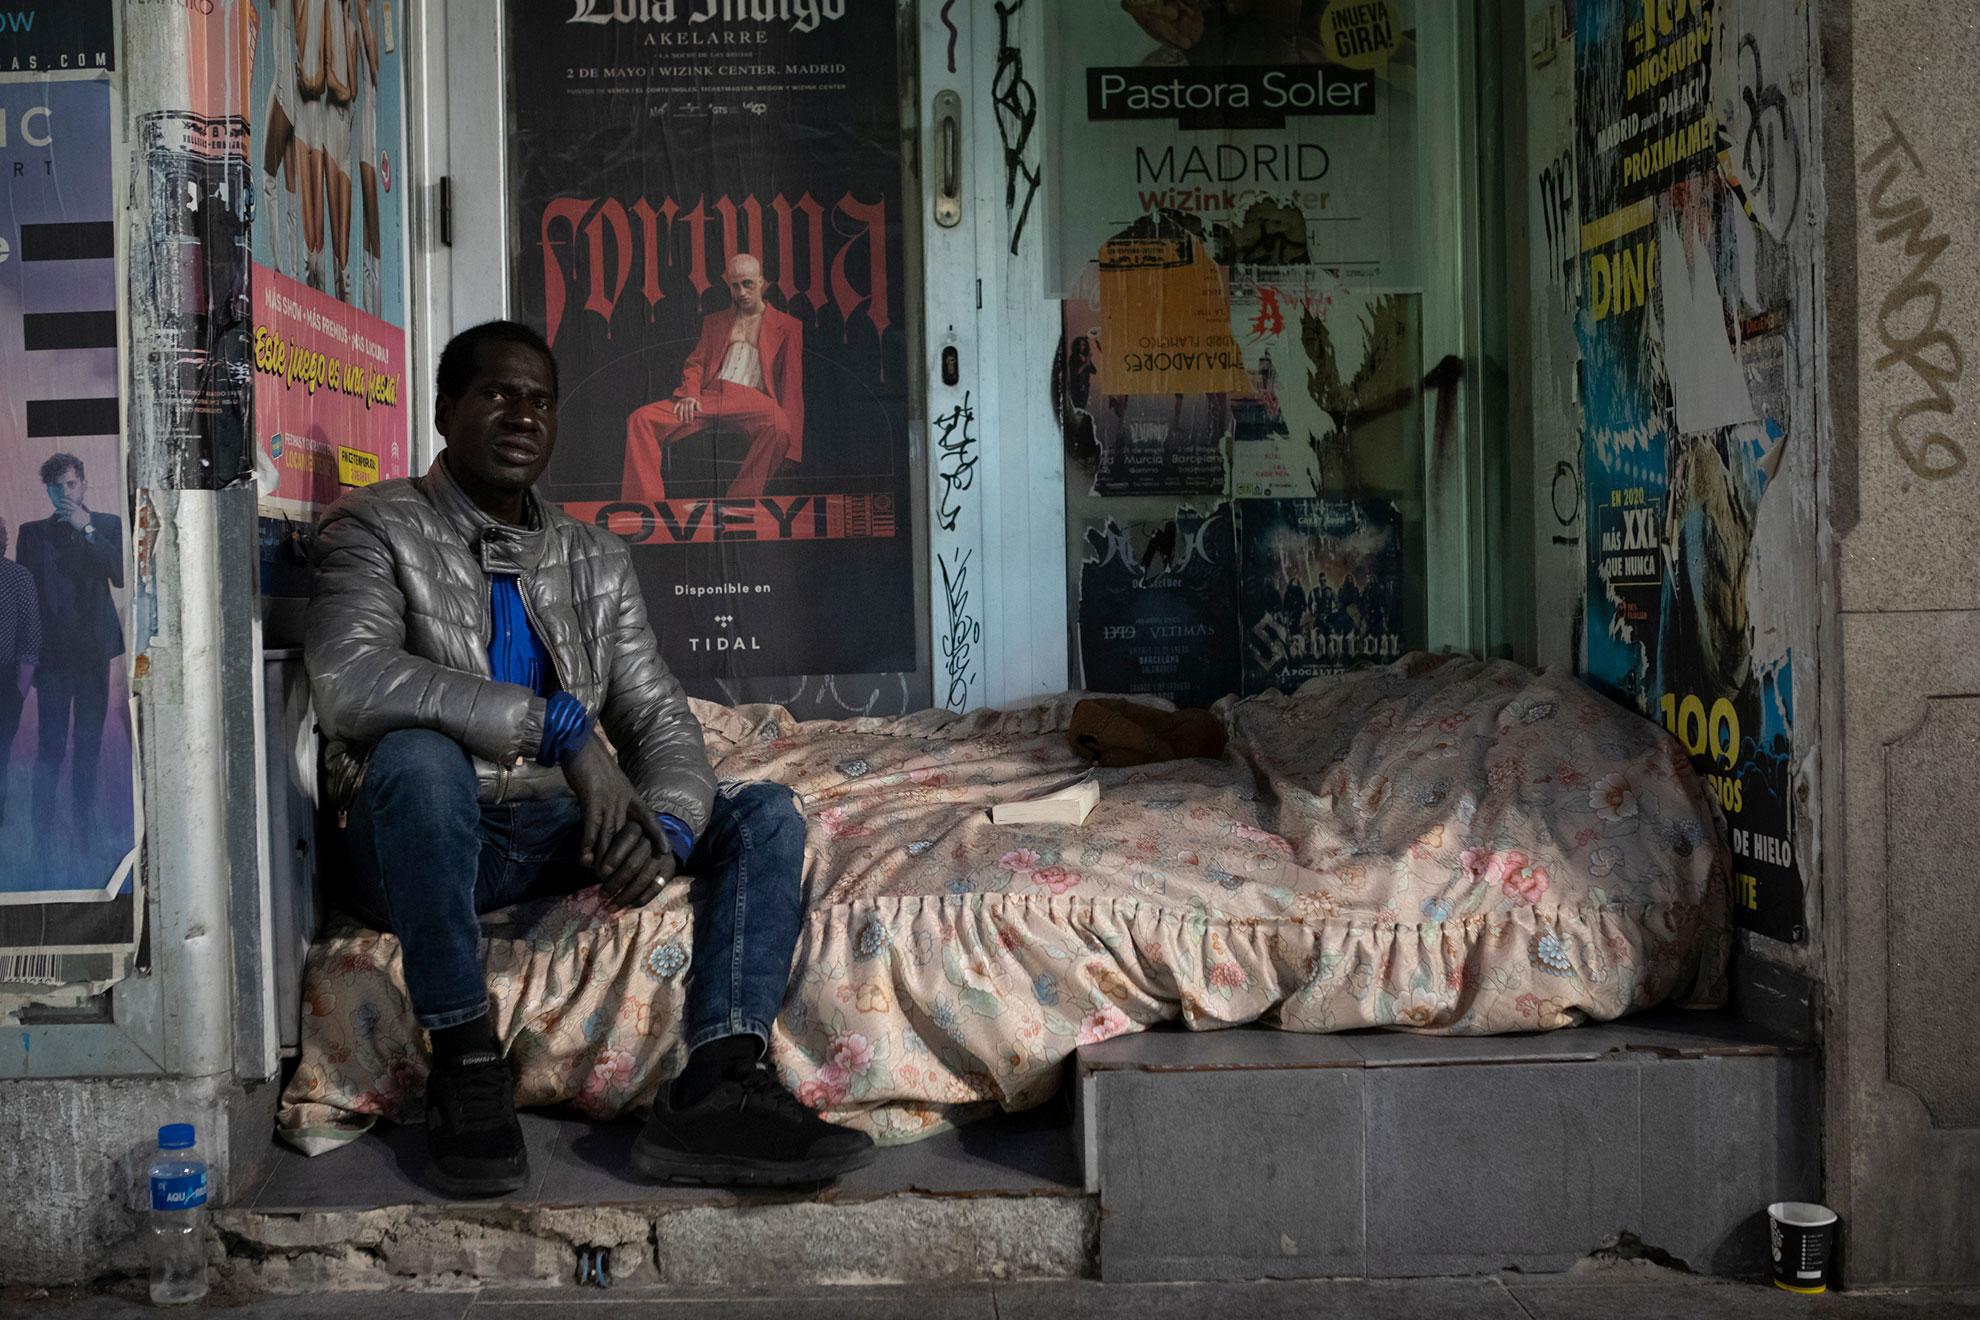 Ibrahim (42) es de Gambia. Allí se ganaba la vida cosiendo ropa, pero decidió venir a España en 1995. Al principio le fue todo muy bien: conoció a una mujer de la que se enamoró y tuvieron dos hijos, pero la relación entre ellos acabó mal, y se quedó en la calle hace dos años. No ve a sus hijos desde entonces, y eso es lo que más dolor le causa, más aún que el hecho de no conseguir comida a diario. Con la movilidad restringida por el Estado de Alarma, no hay gente por las calles que le pueda dar algo para llevarse a la boca, y si su situación ya era mala, ahora es desesperada. Cada mañana va a los baños públicos de Embajadores, para poder ducharse y hacer sus necesidades (una vez al día); pero no quiere ir al espacio que el Ayuntamiento de Madrid ha habilitado en Ifema para personas sin hogar, porque tiene miedo a contagiarse de Covid-19 en un sitio con tanta gente junta. Sólo quiere un trabajo, para volver a tener un techo, y luchar por recuperar a sus hijos. Su tono de voz está cargado de dignidad y aplomo, a pesar de la situación, y también de humildad, para aceptar cualquier ayuda que le ofrezcan.